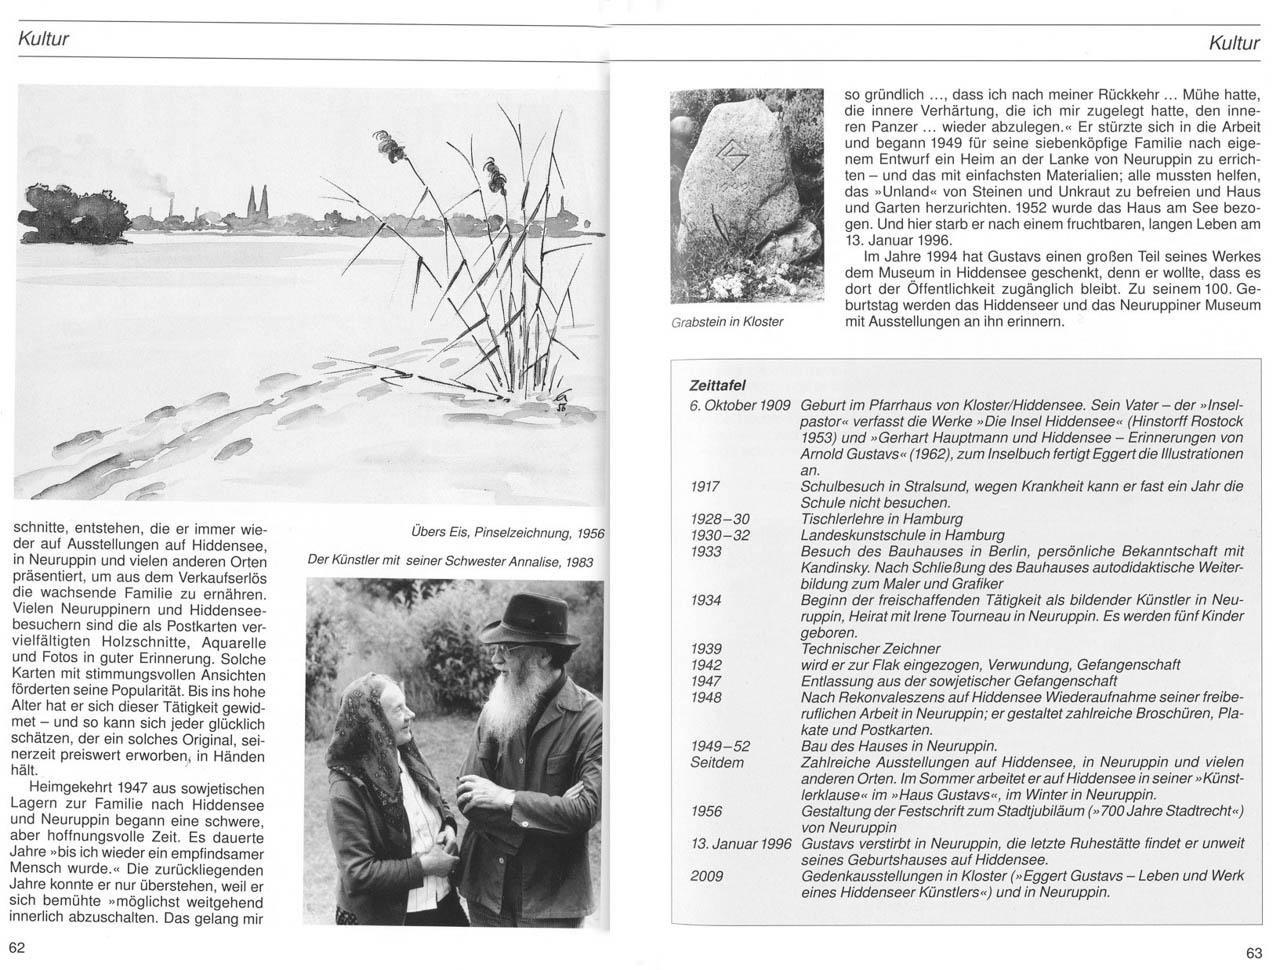 Jahrbuch Ostprignitz-Ruppin 2009 (Seite 3 von 3)